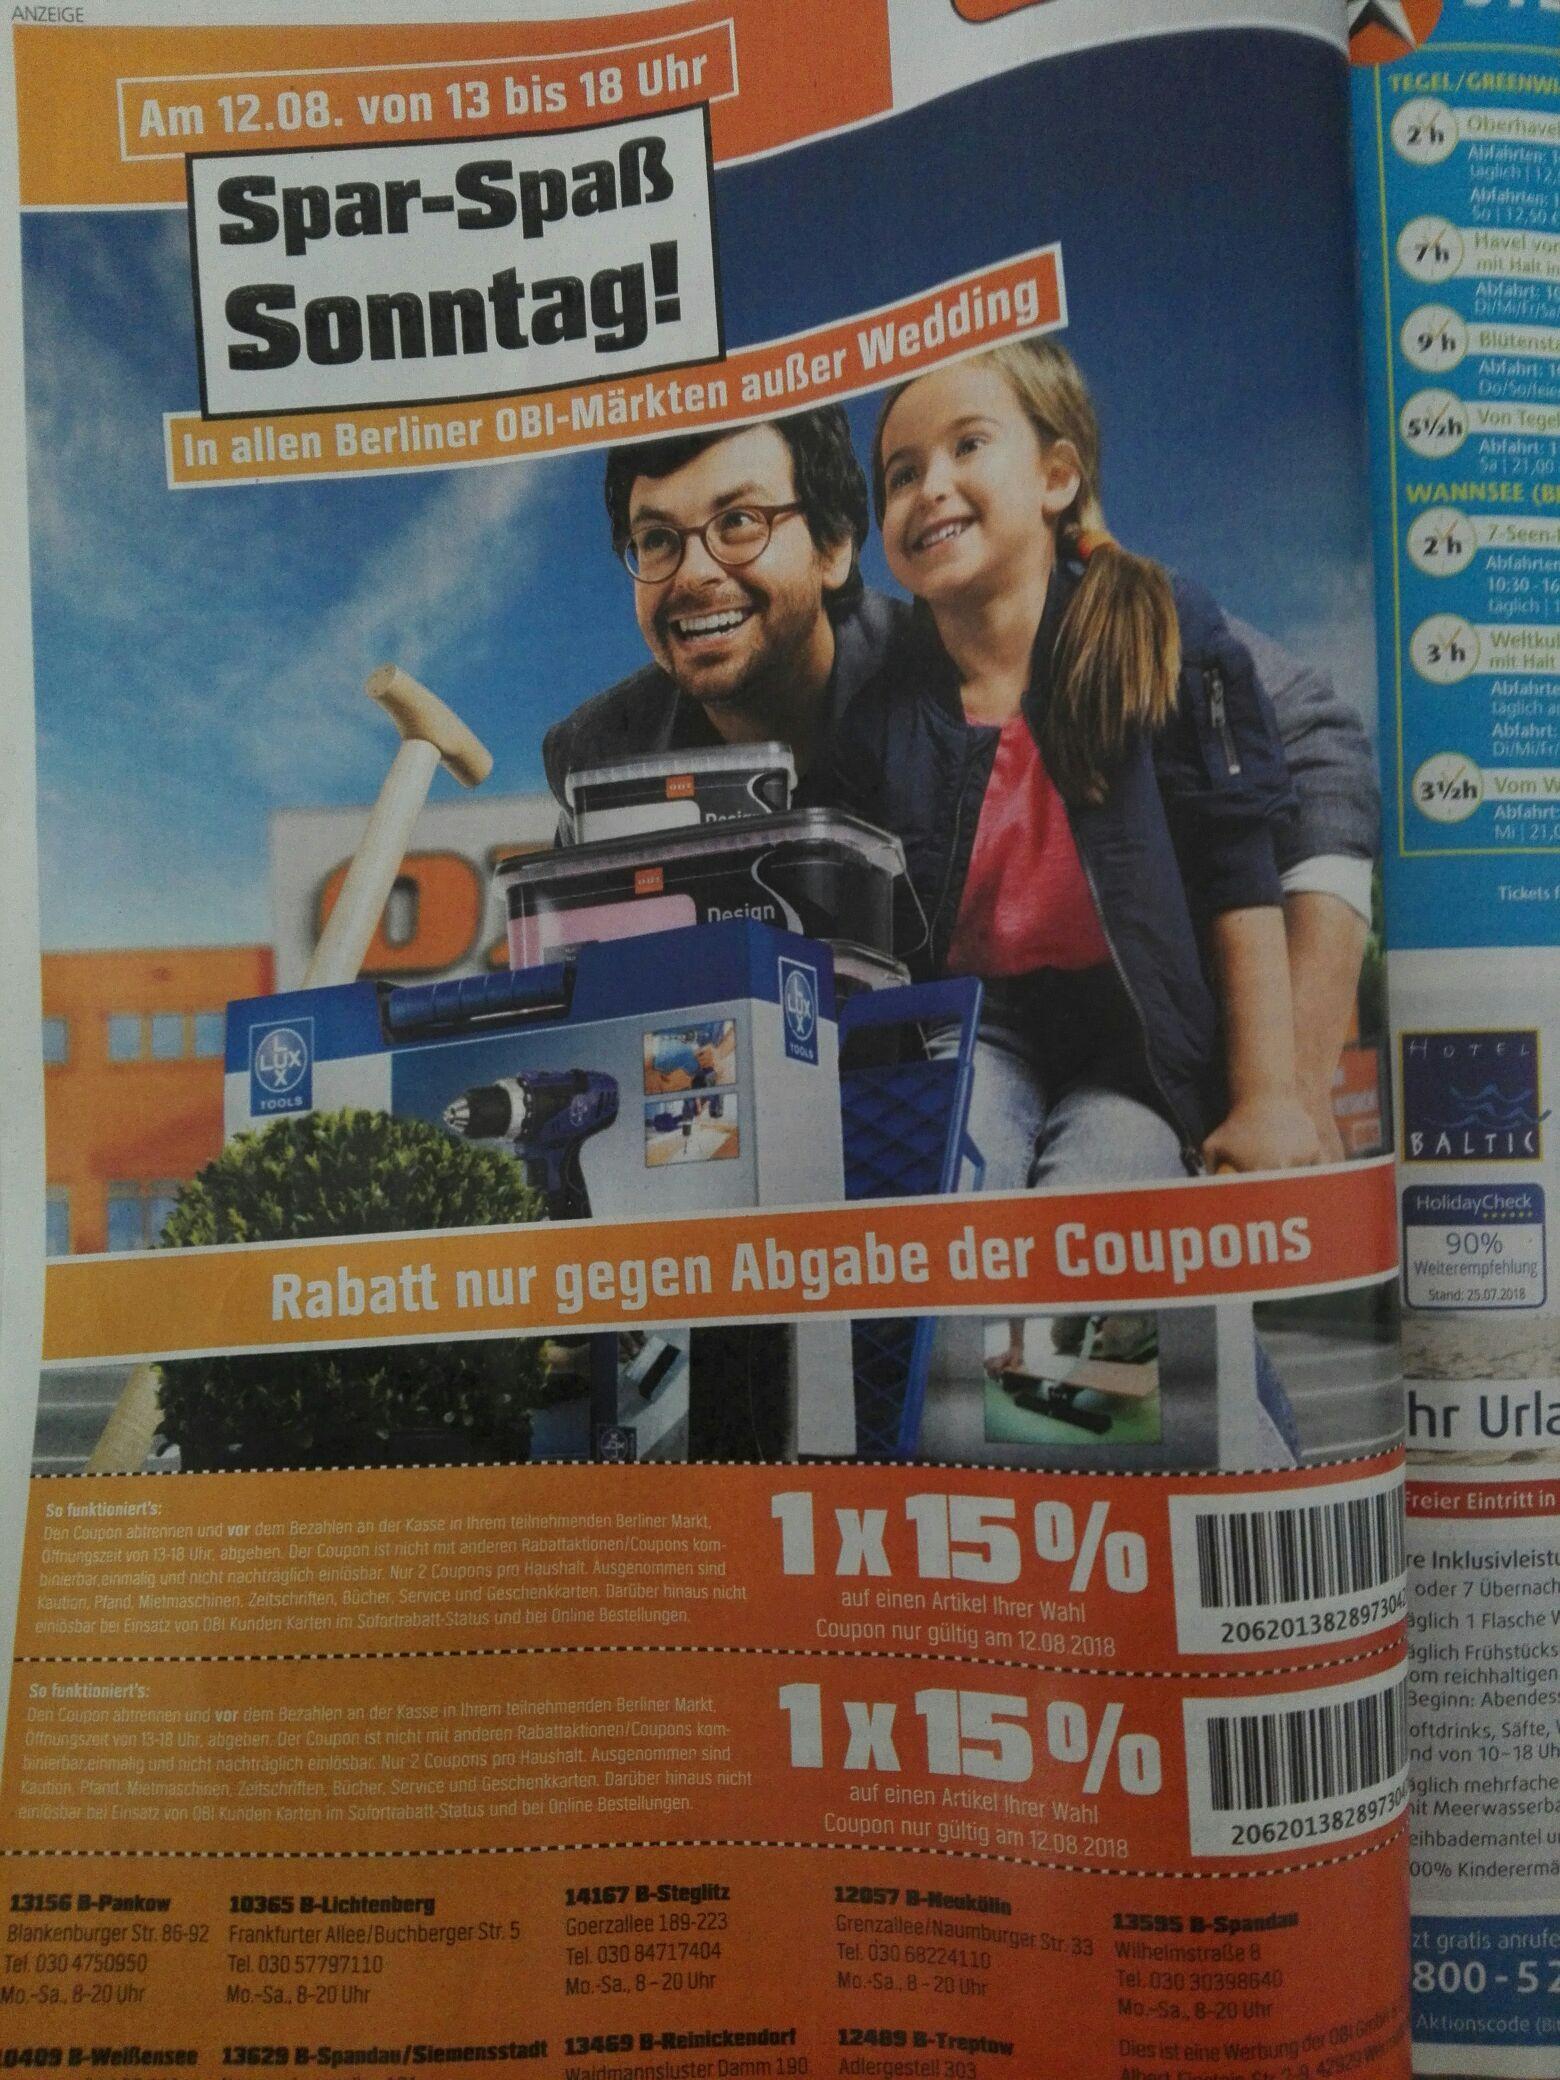 OBI Berlin 15% Rabatt mit Coupon am 12.08.18 von 13-18 Uhr